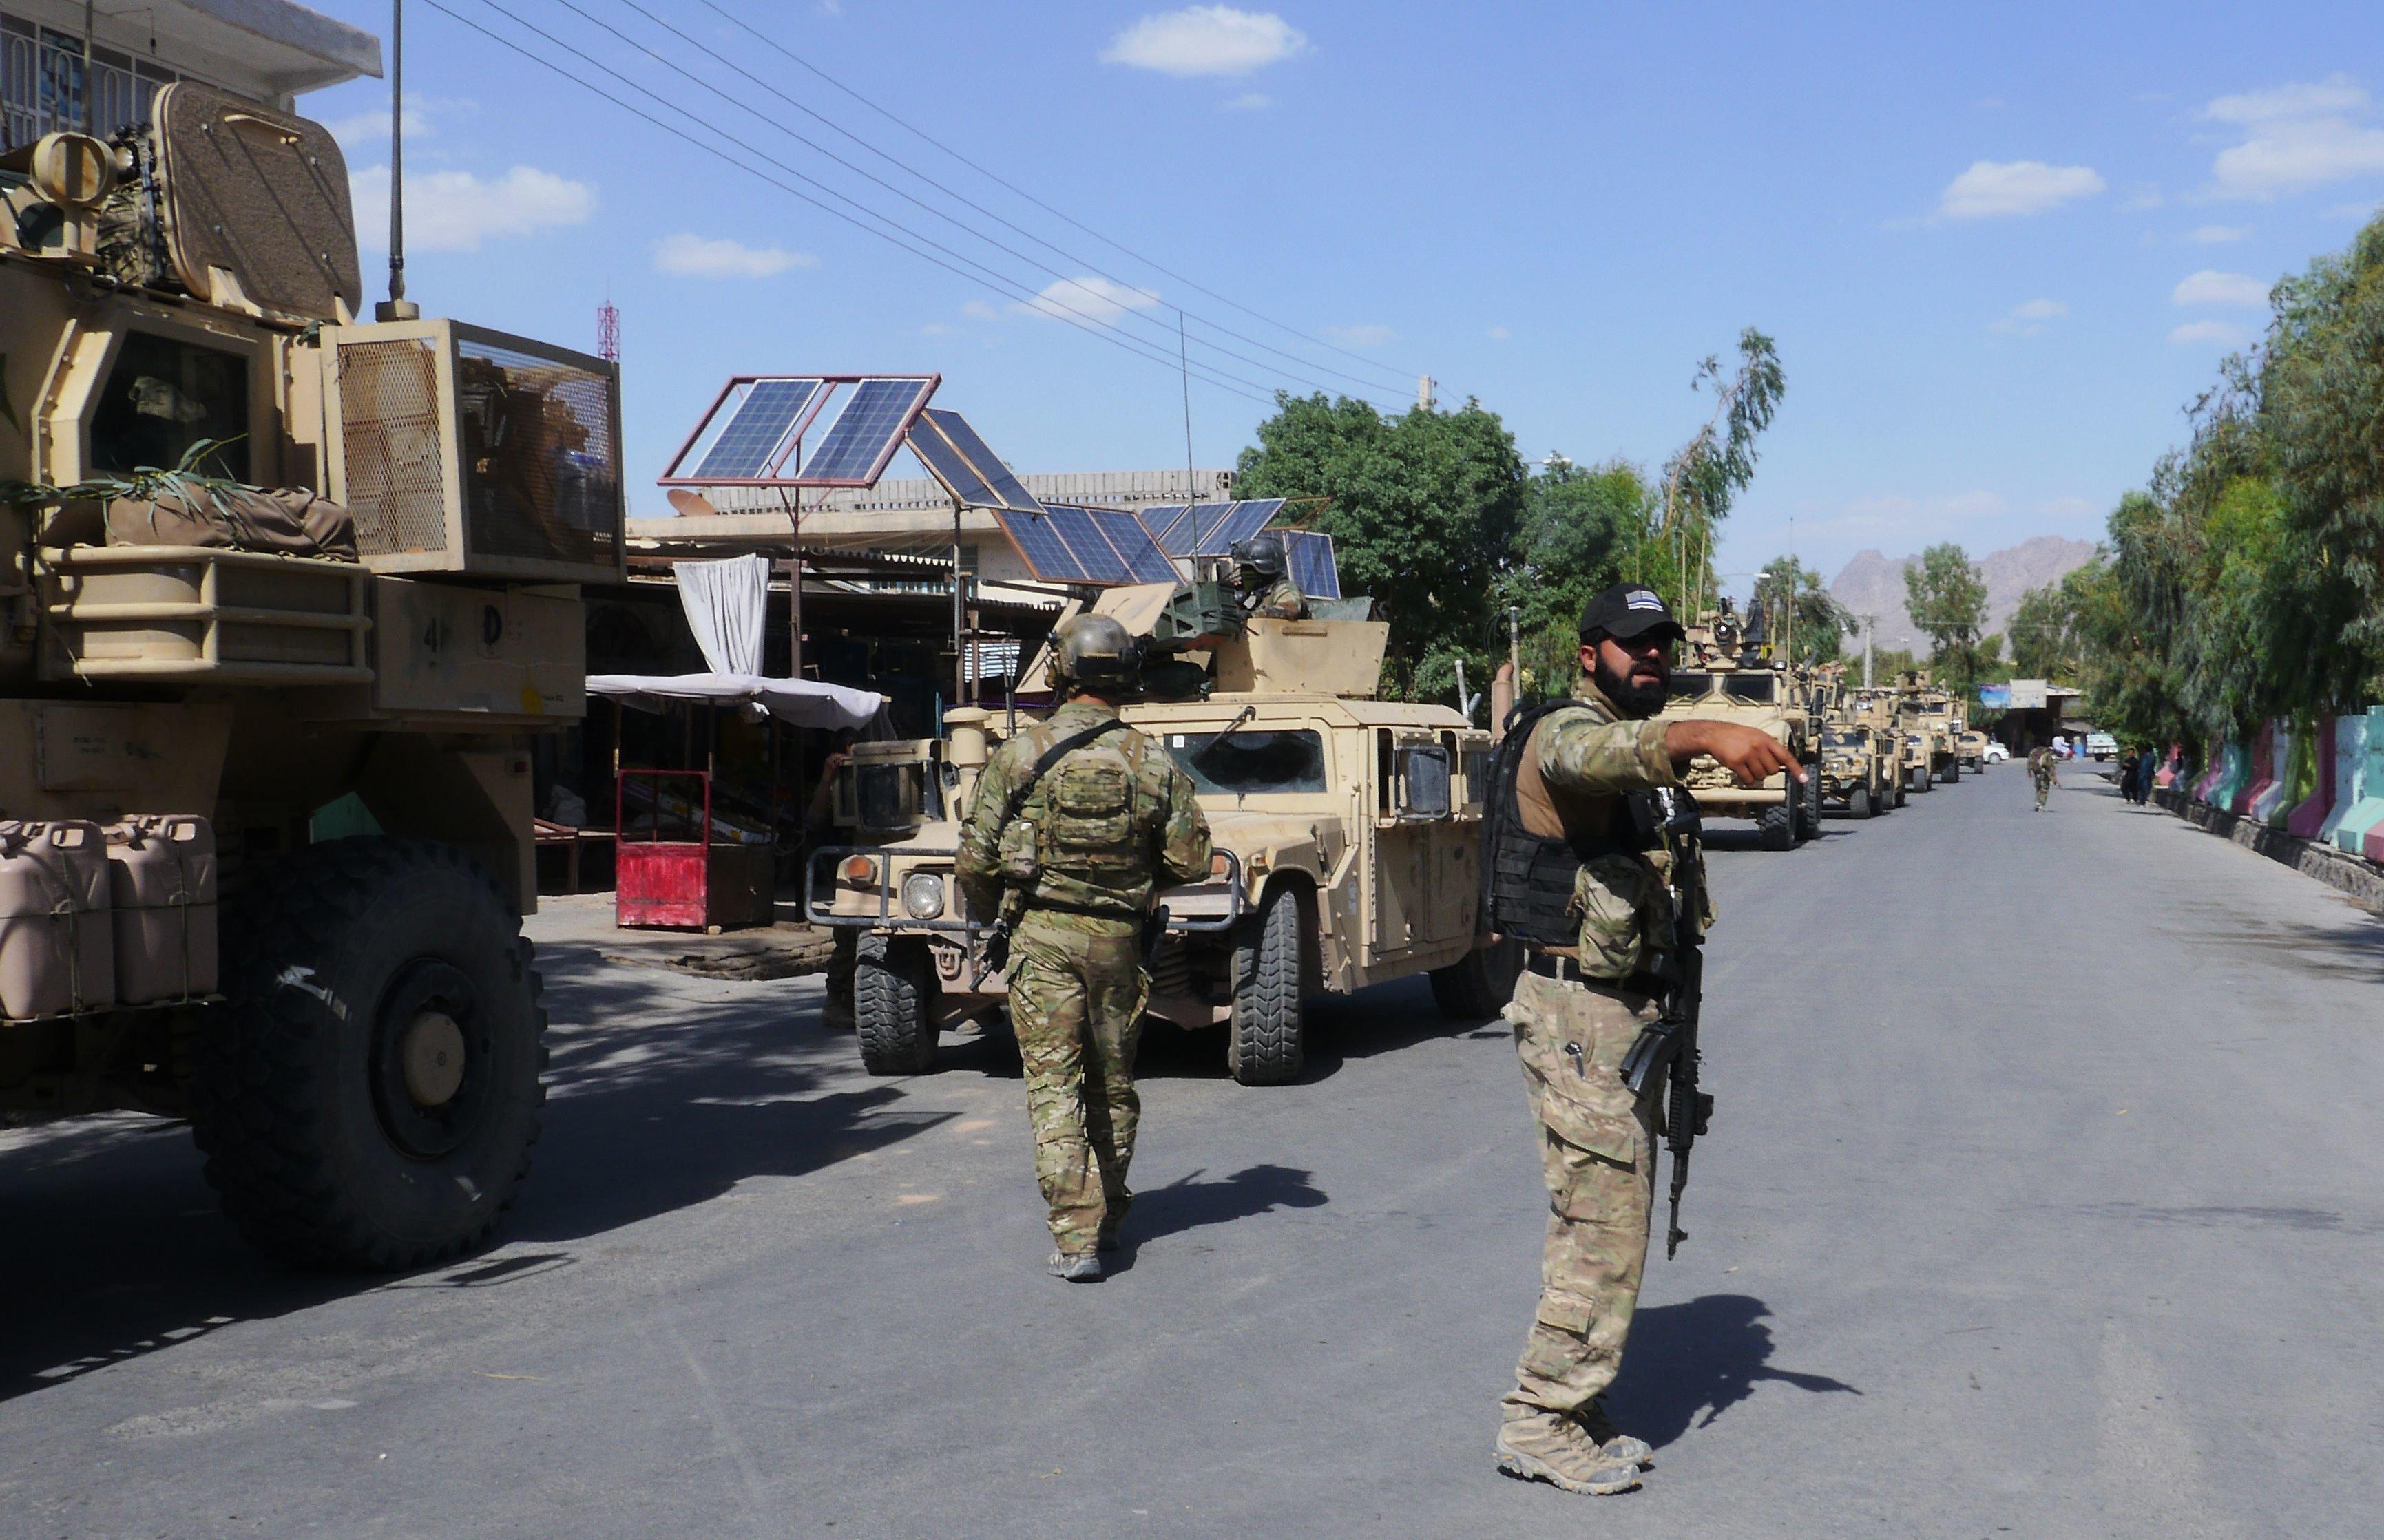 Αφγανιστάν: Πάνω από 60 μέλη των Ταλιμπάν σκοτώθηκαν σε επιχειρήσεις των κυβερνητικών